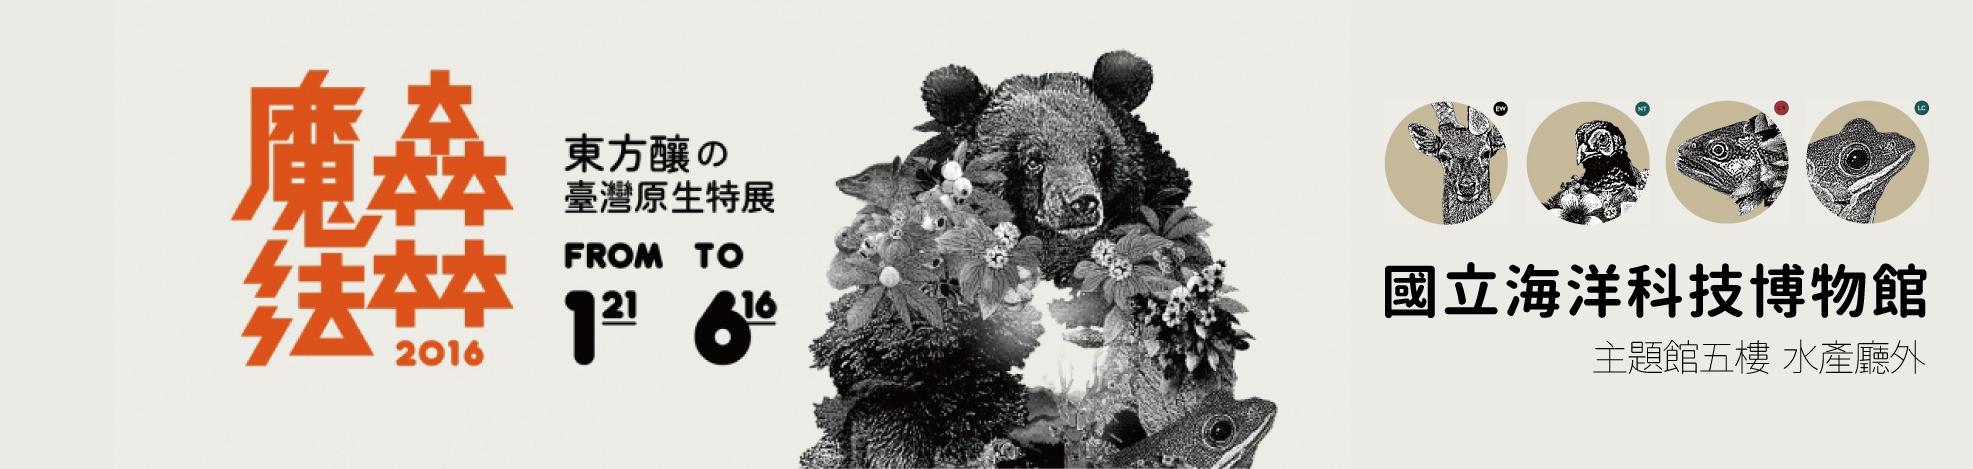 開新視窗,當期特展─魔法森林2016 東方釀の臺灣原生特展